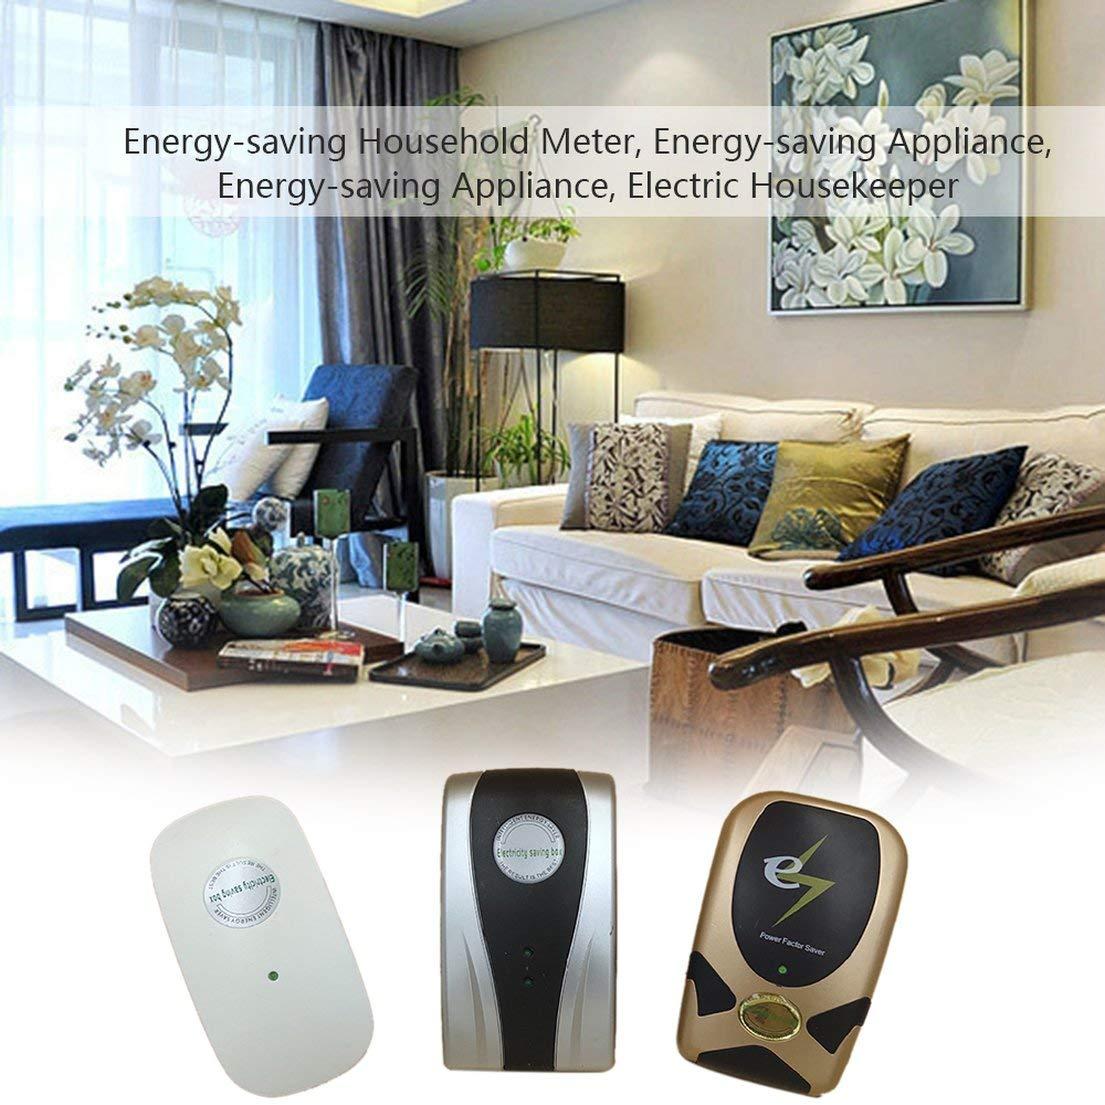 DFHJSXDFRGHXFGH-FR /Électricien /Économiseur d/énergie Intelligent /Économiseur d/énergie Compteur M/énage /Économiseur d/énergie /Économiseur d/énergie /Électronique Device-Sliver /& Bla